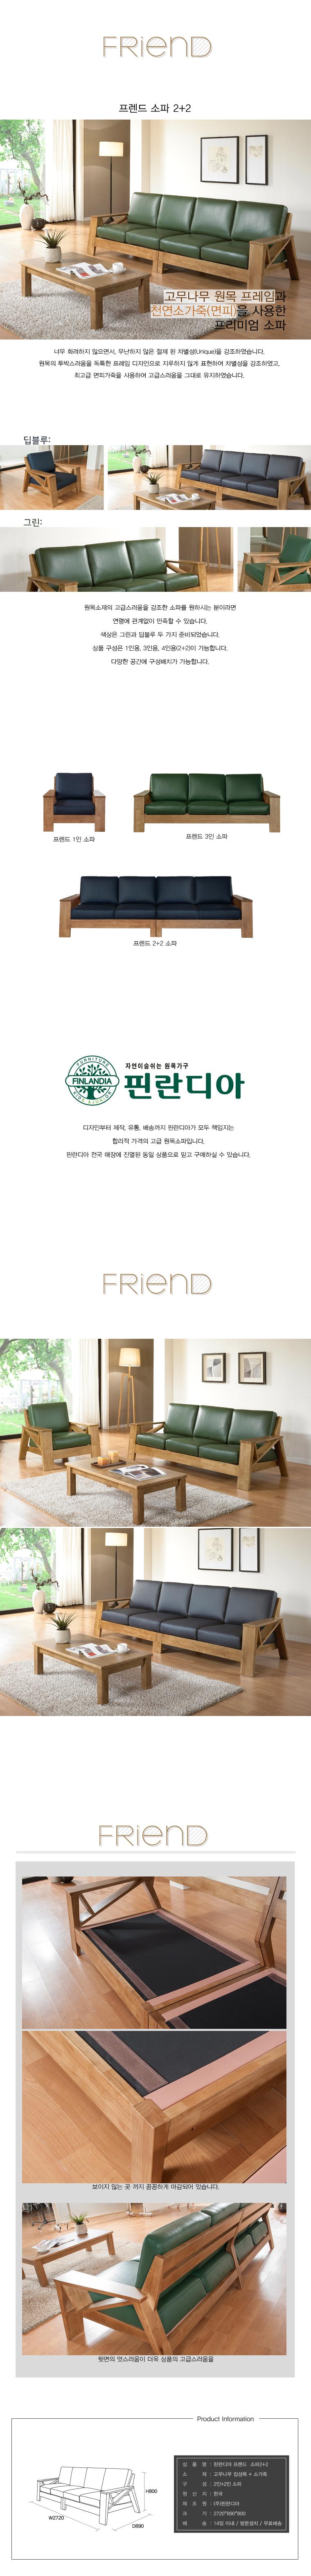 sofa4.jpg